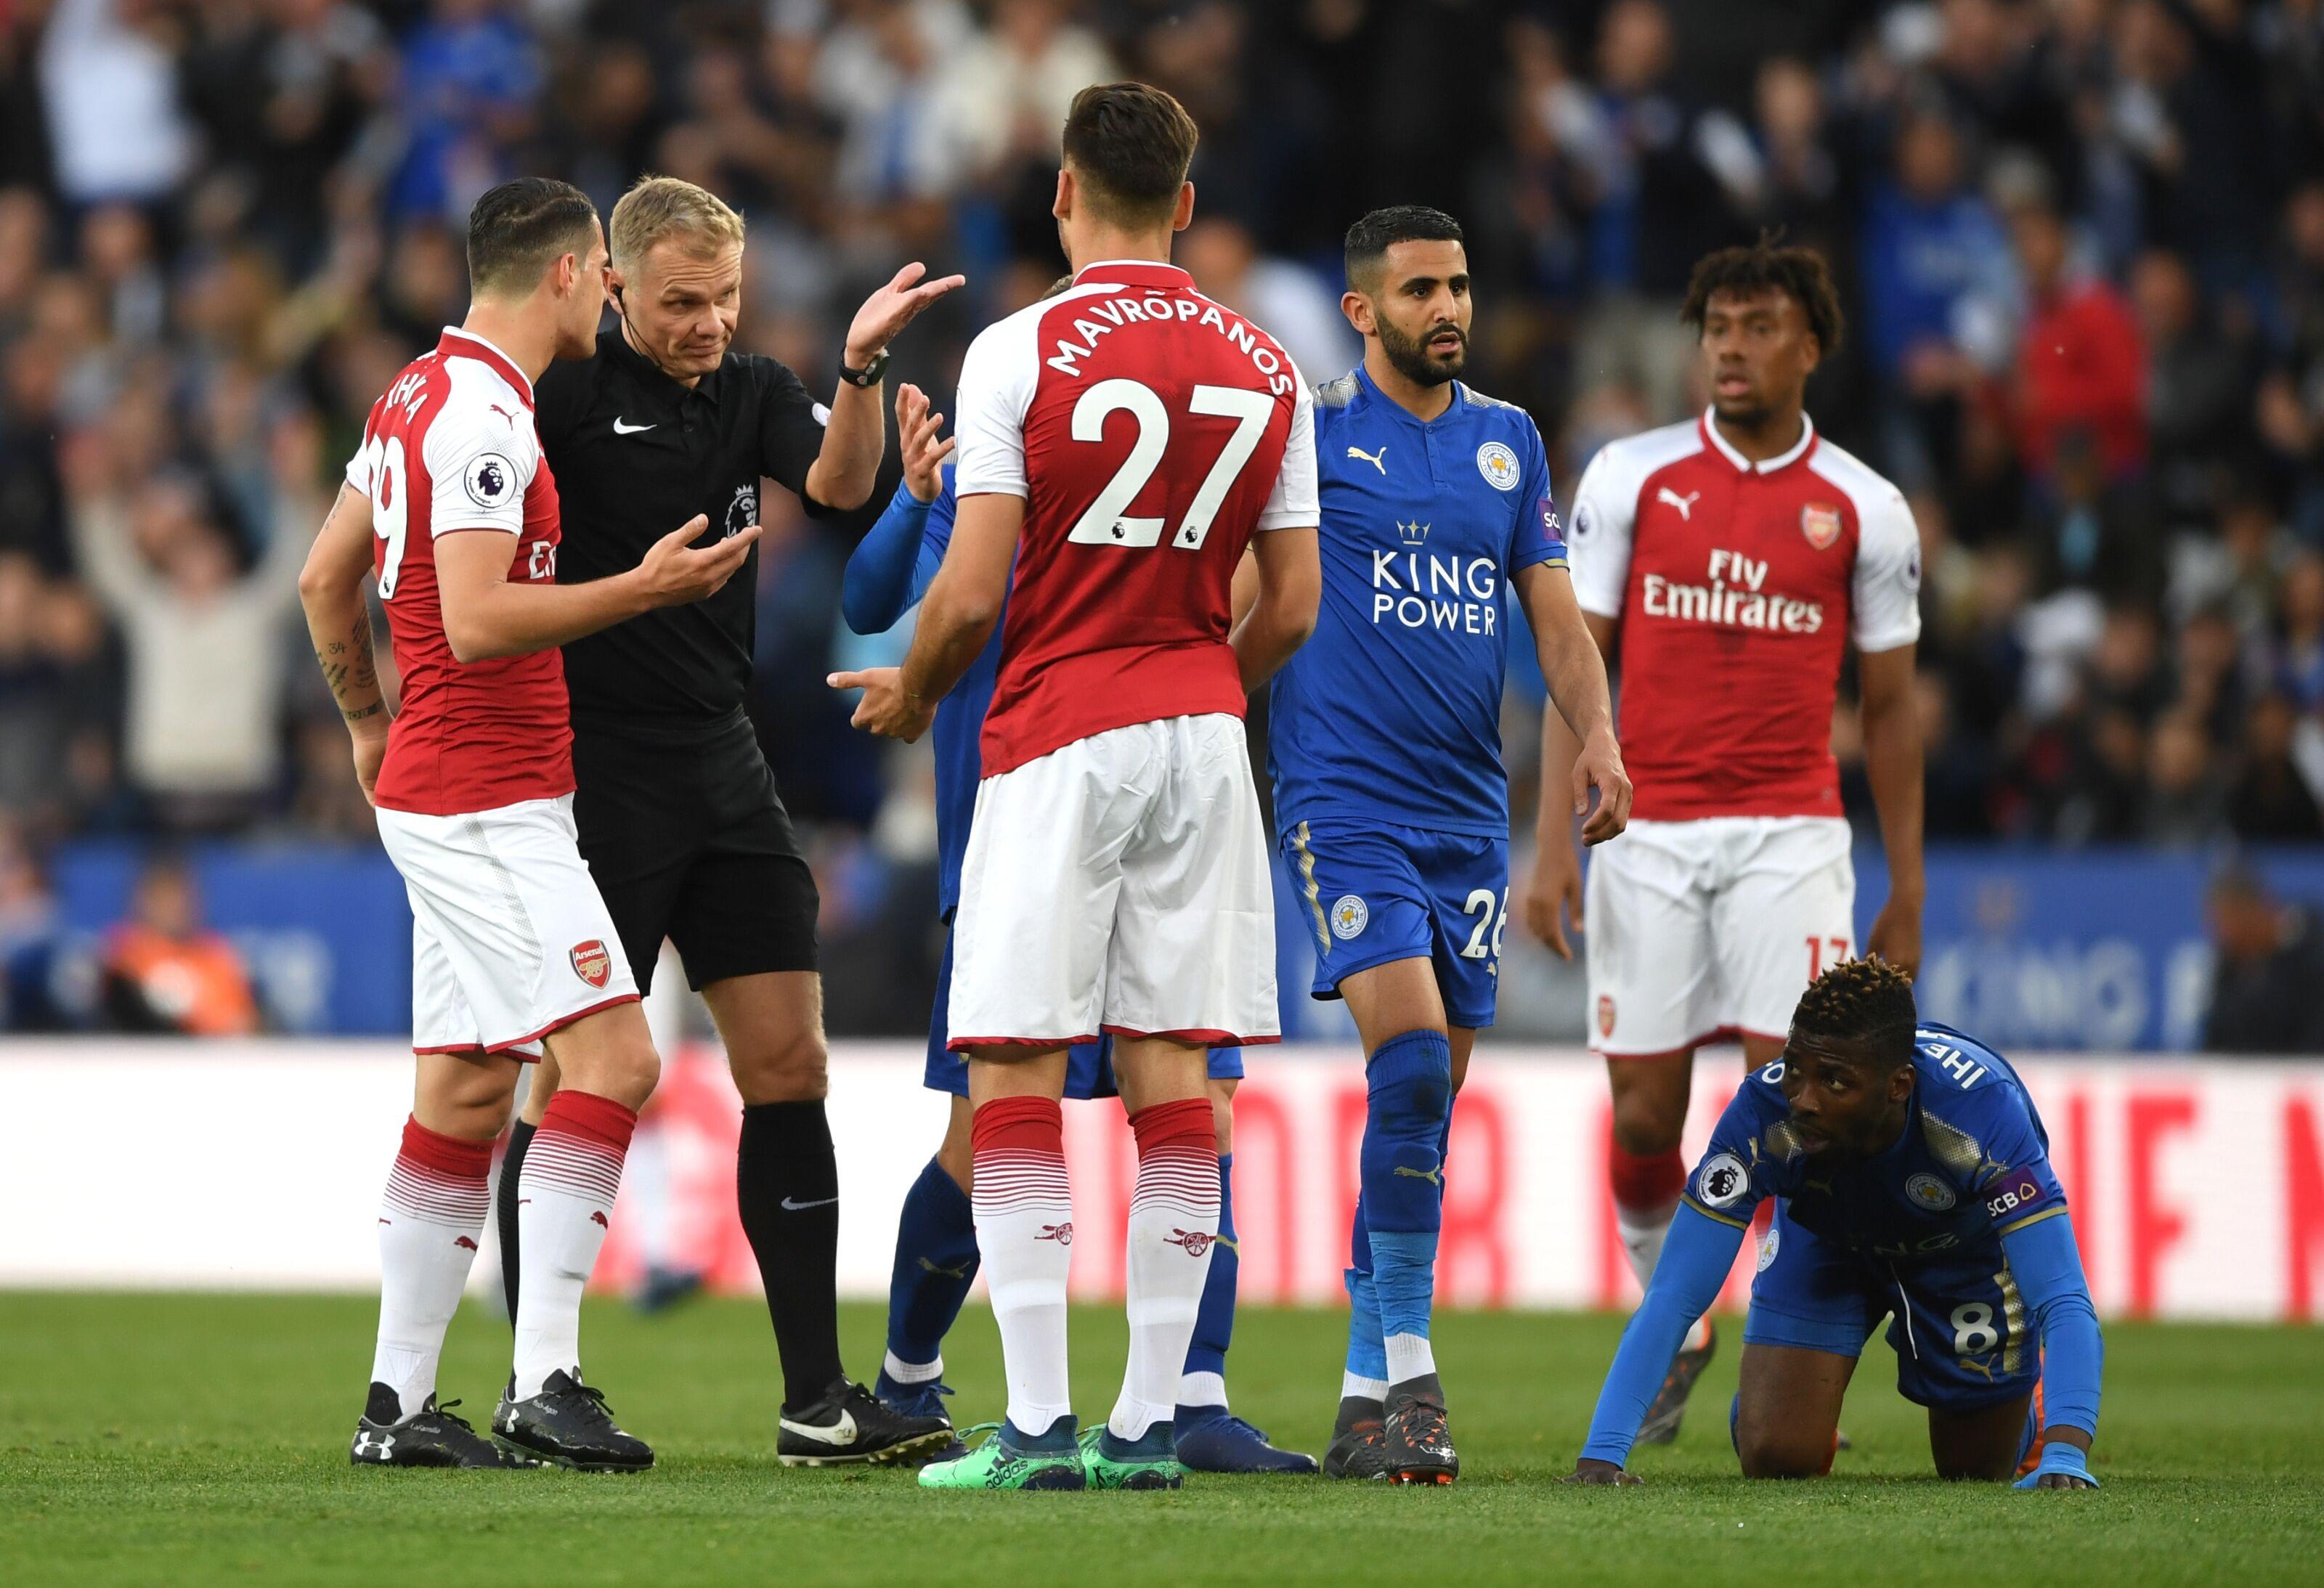 官方:阿森纳因未能控制住球员遭到英足总指控